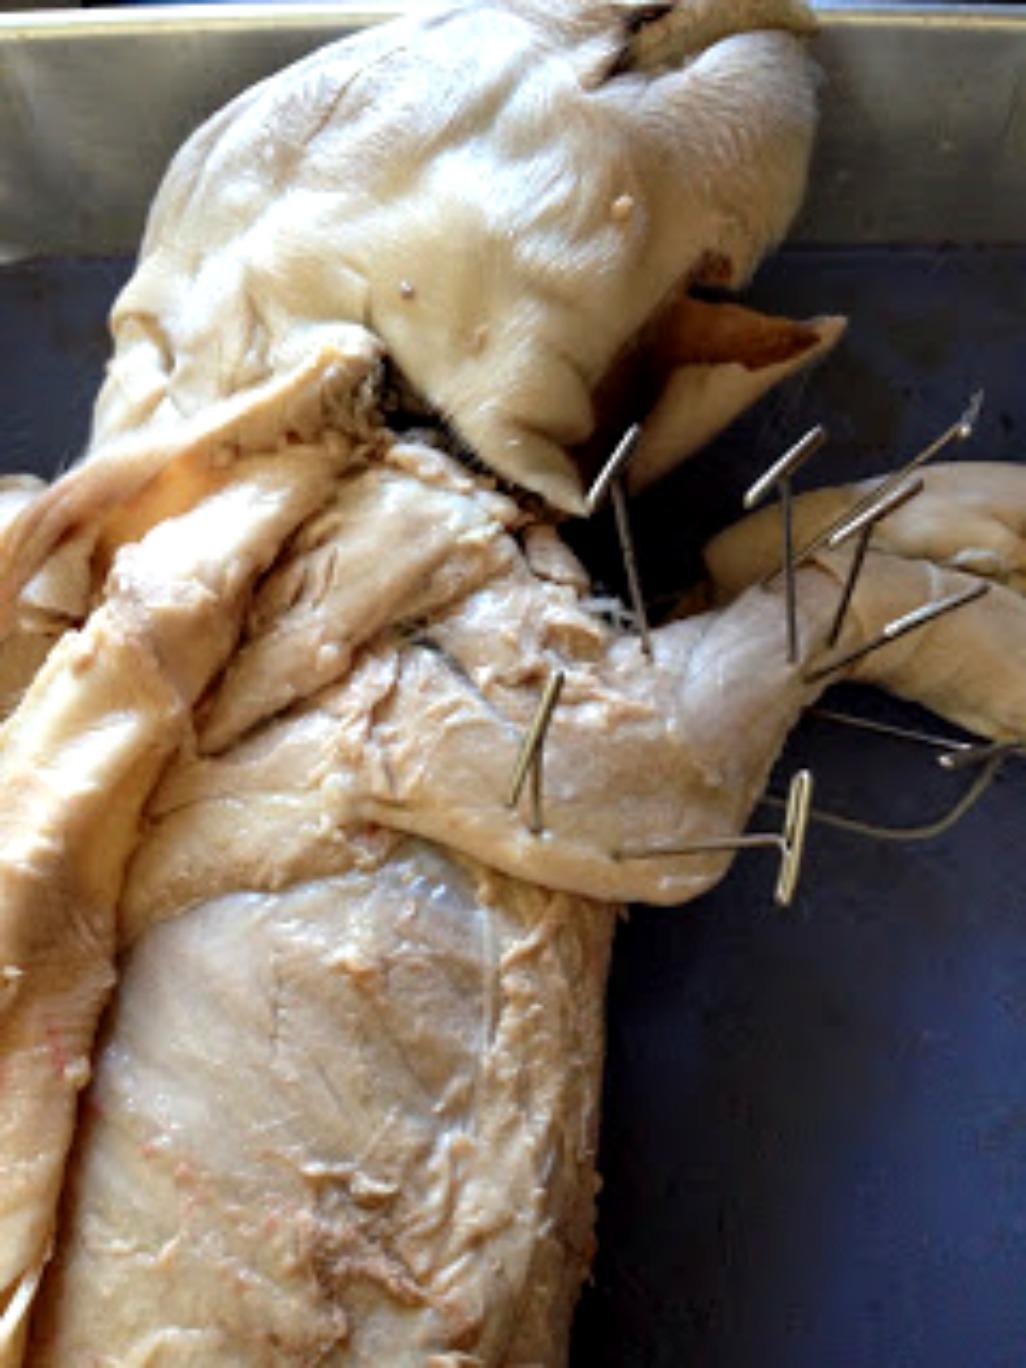 Fetal Pig Blog: Procedure C - Skeletal Muscle Dissection